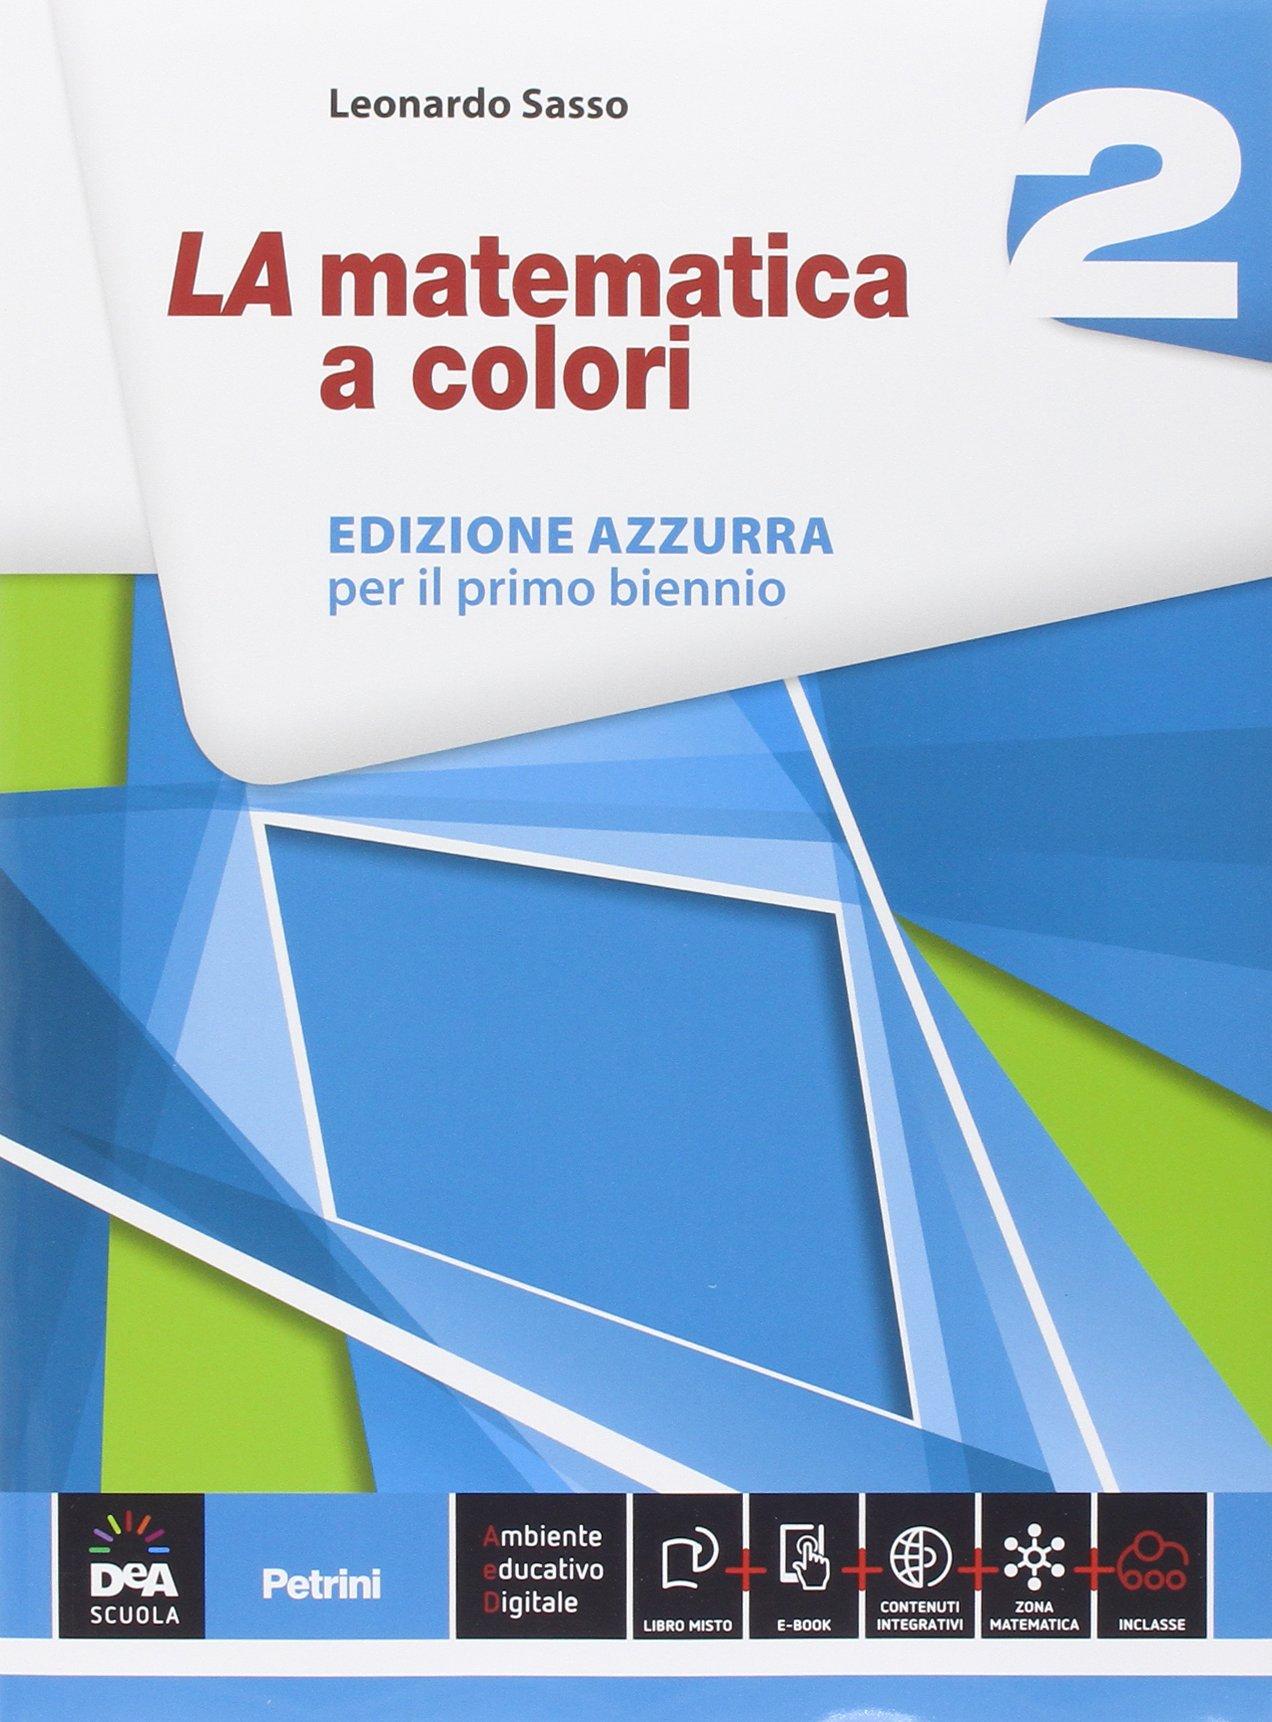 LA matematica a colori 2 – Edizione azzurra, libro di matematica per primo biennio delle scuole superiori